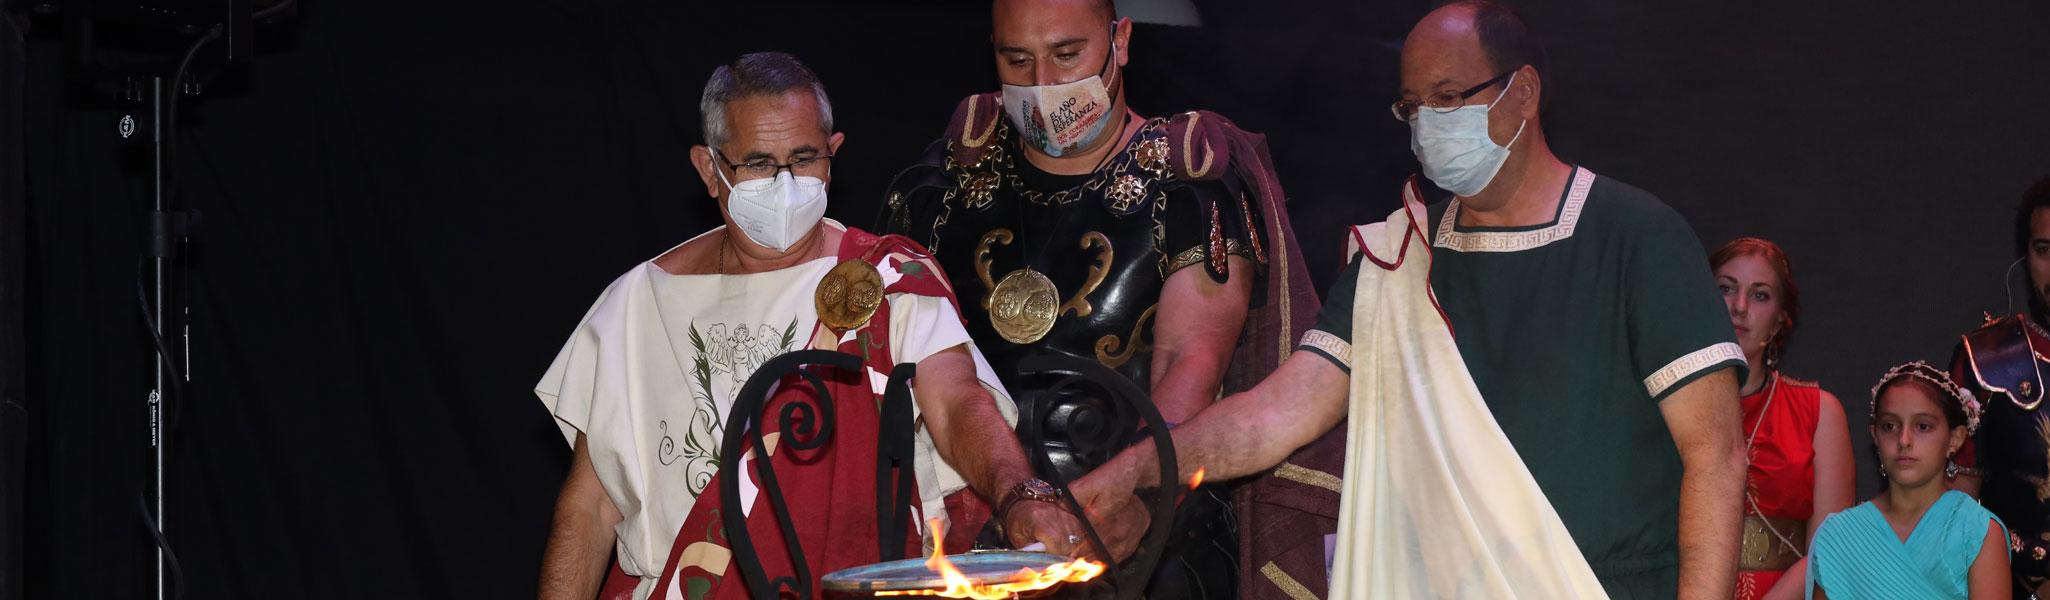 Apagado del Fuego Sagrado y Castillo de Fuegos Artificiales. Carthagineses y Romanos 2021